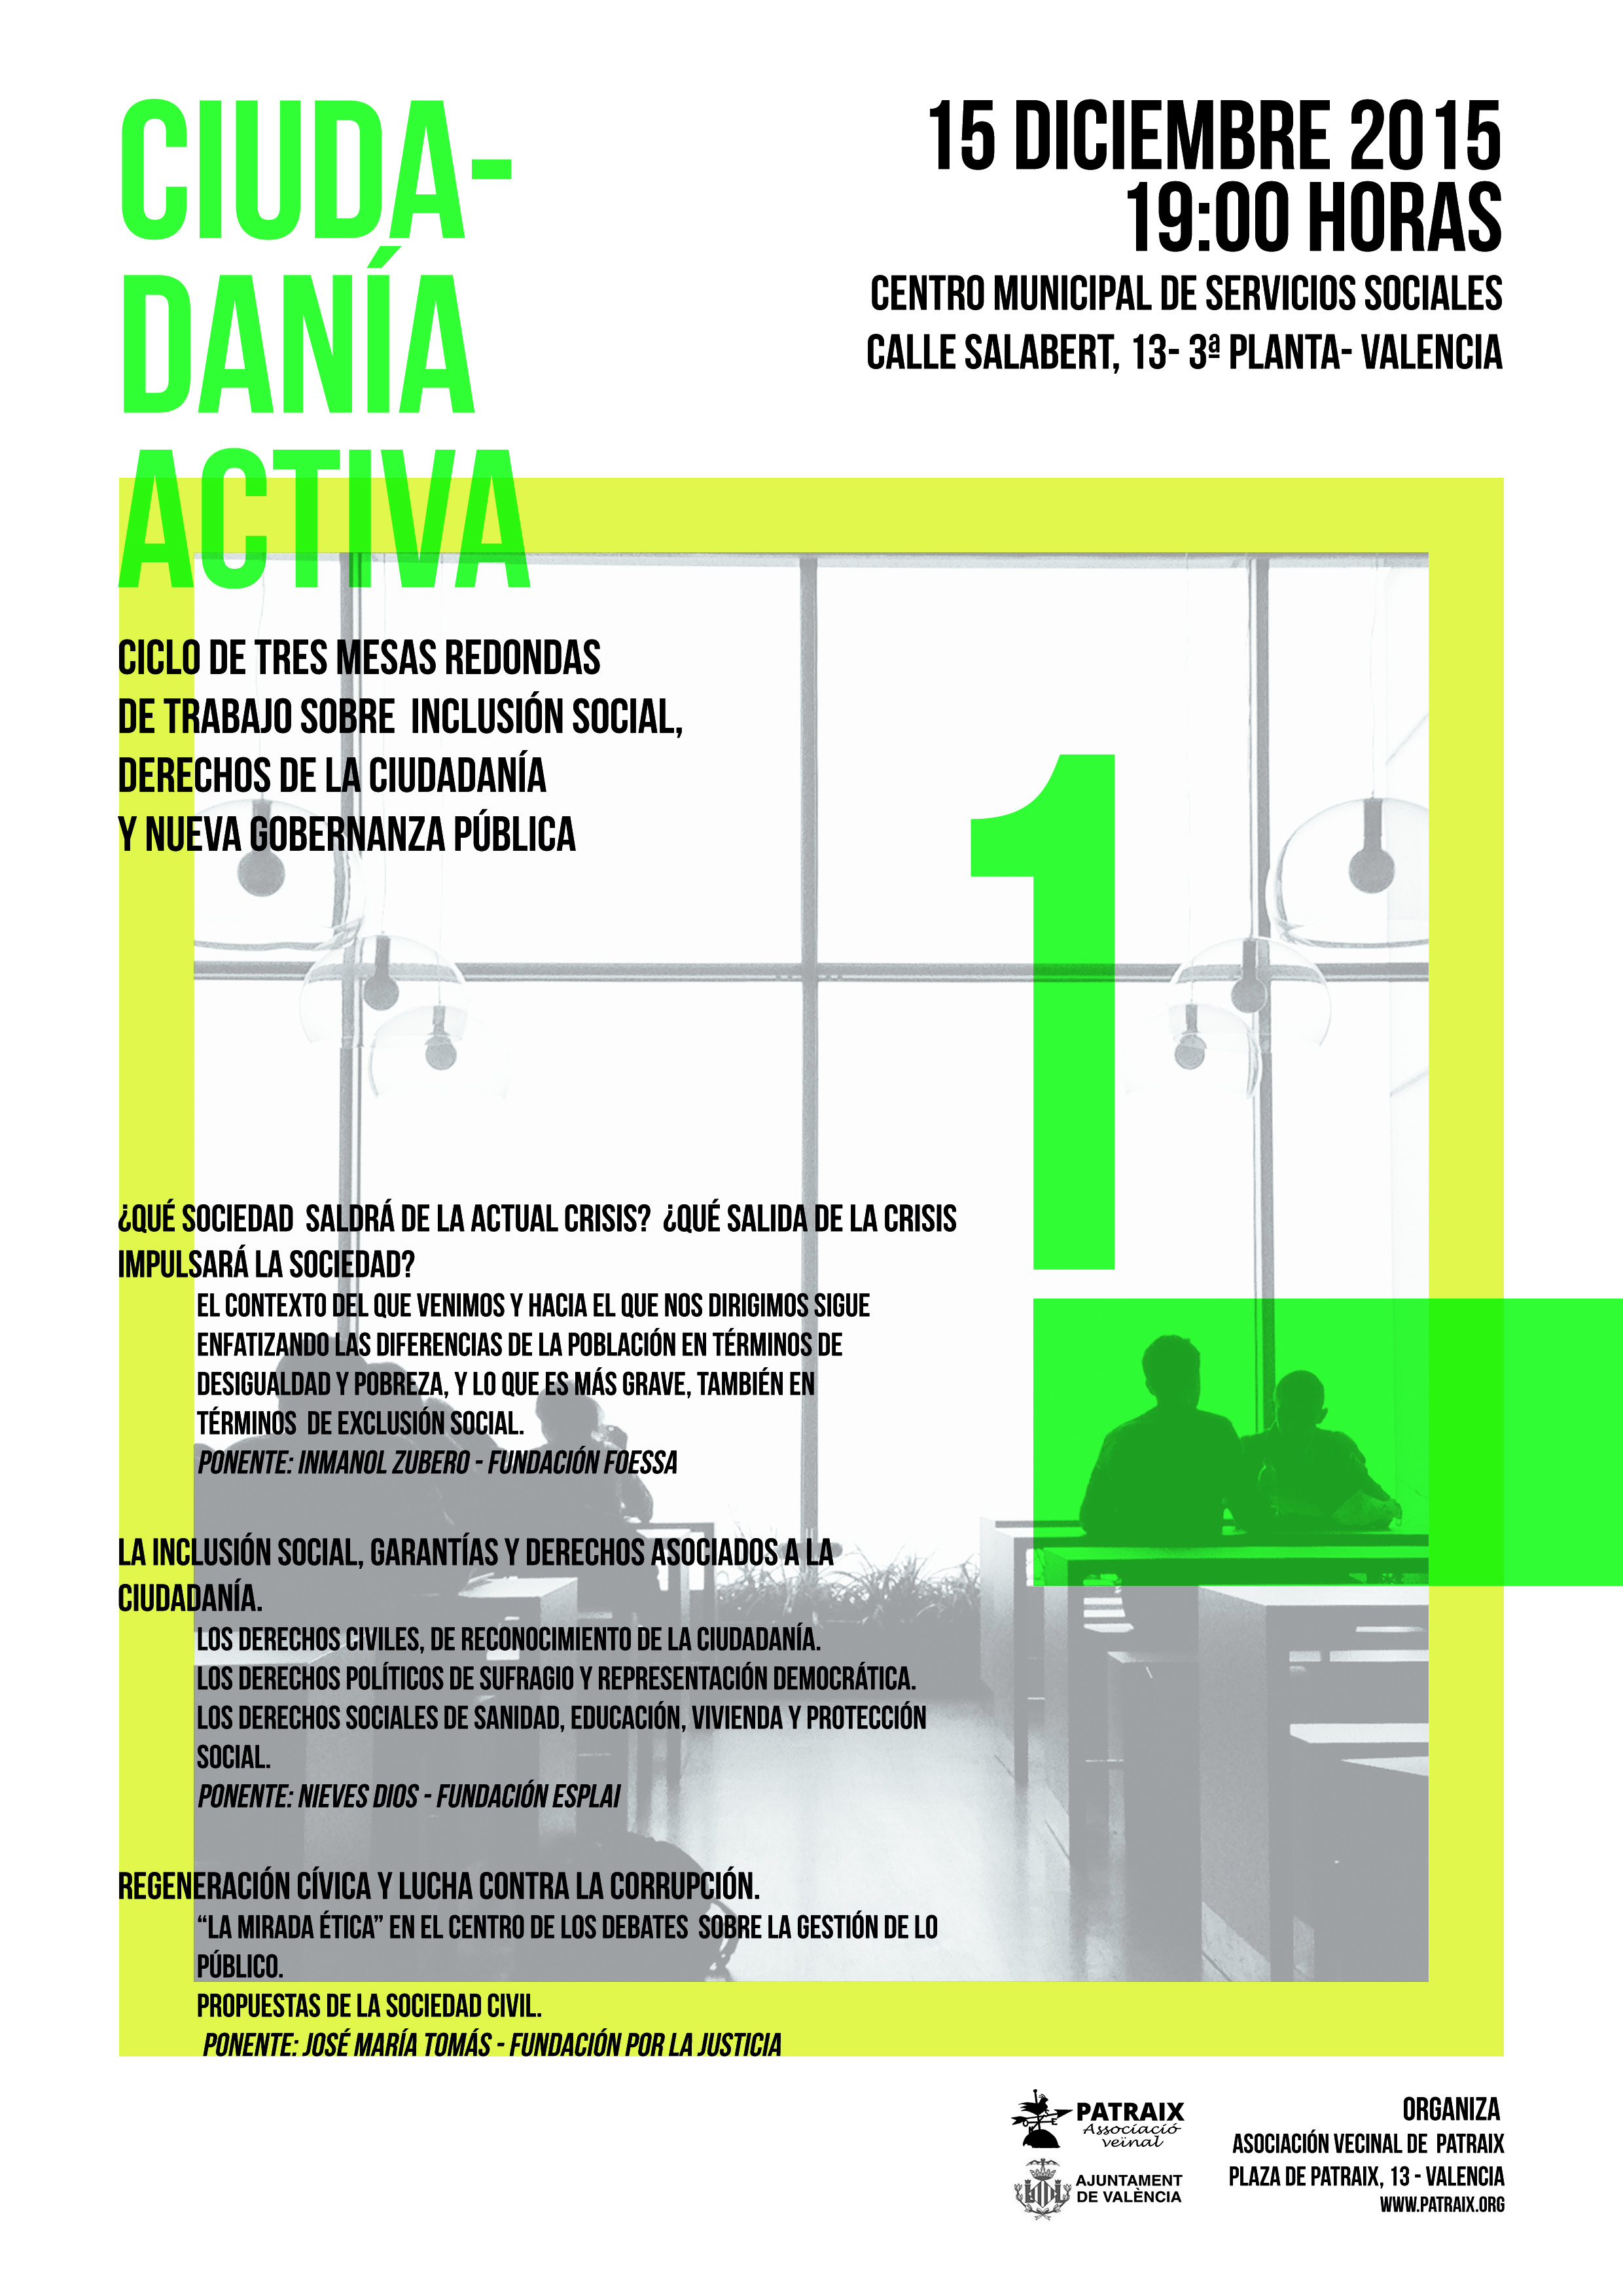 ciclo de tres mesas redondas de trabajo social y participación ciudadana sobre contenidos de Inclusión Social, Derechos de la Ciudadanía y Nueva Gobernanza Pública